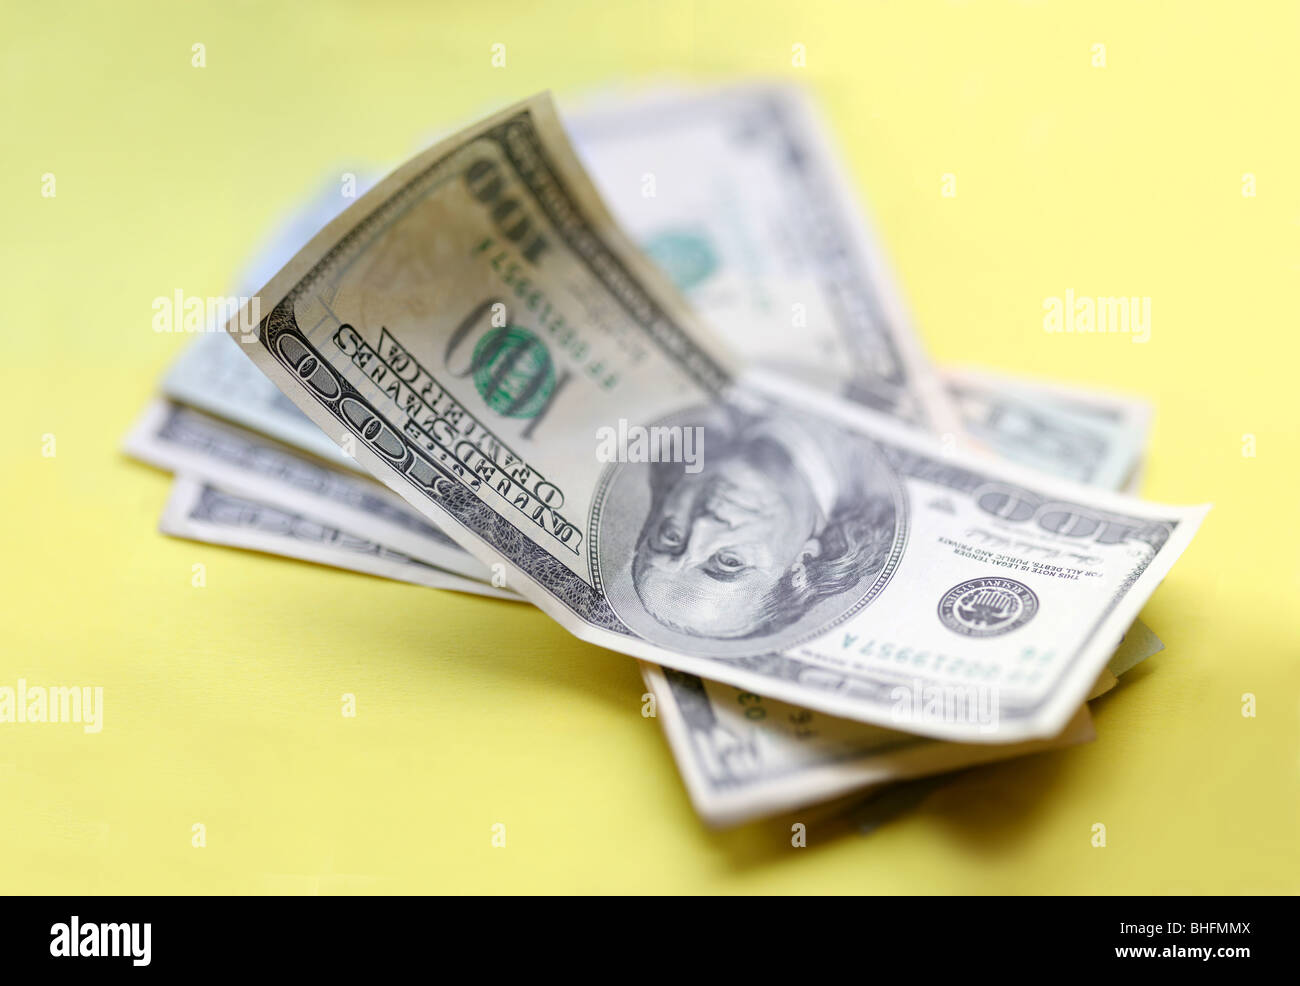 Dólares. Alguna pieza de dinero sobre fondo amarillo. Imagen De Stock